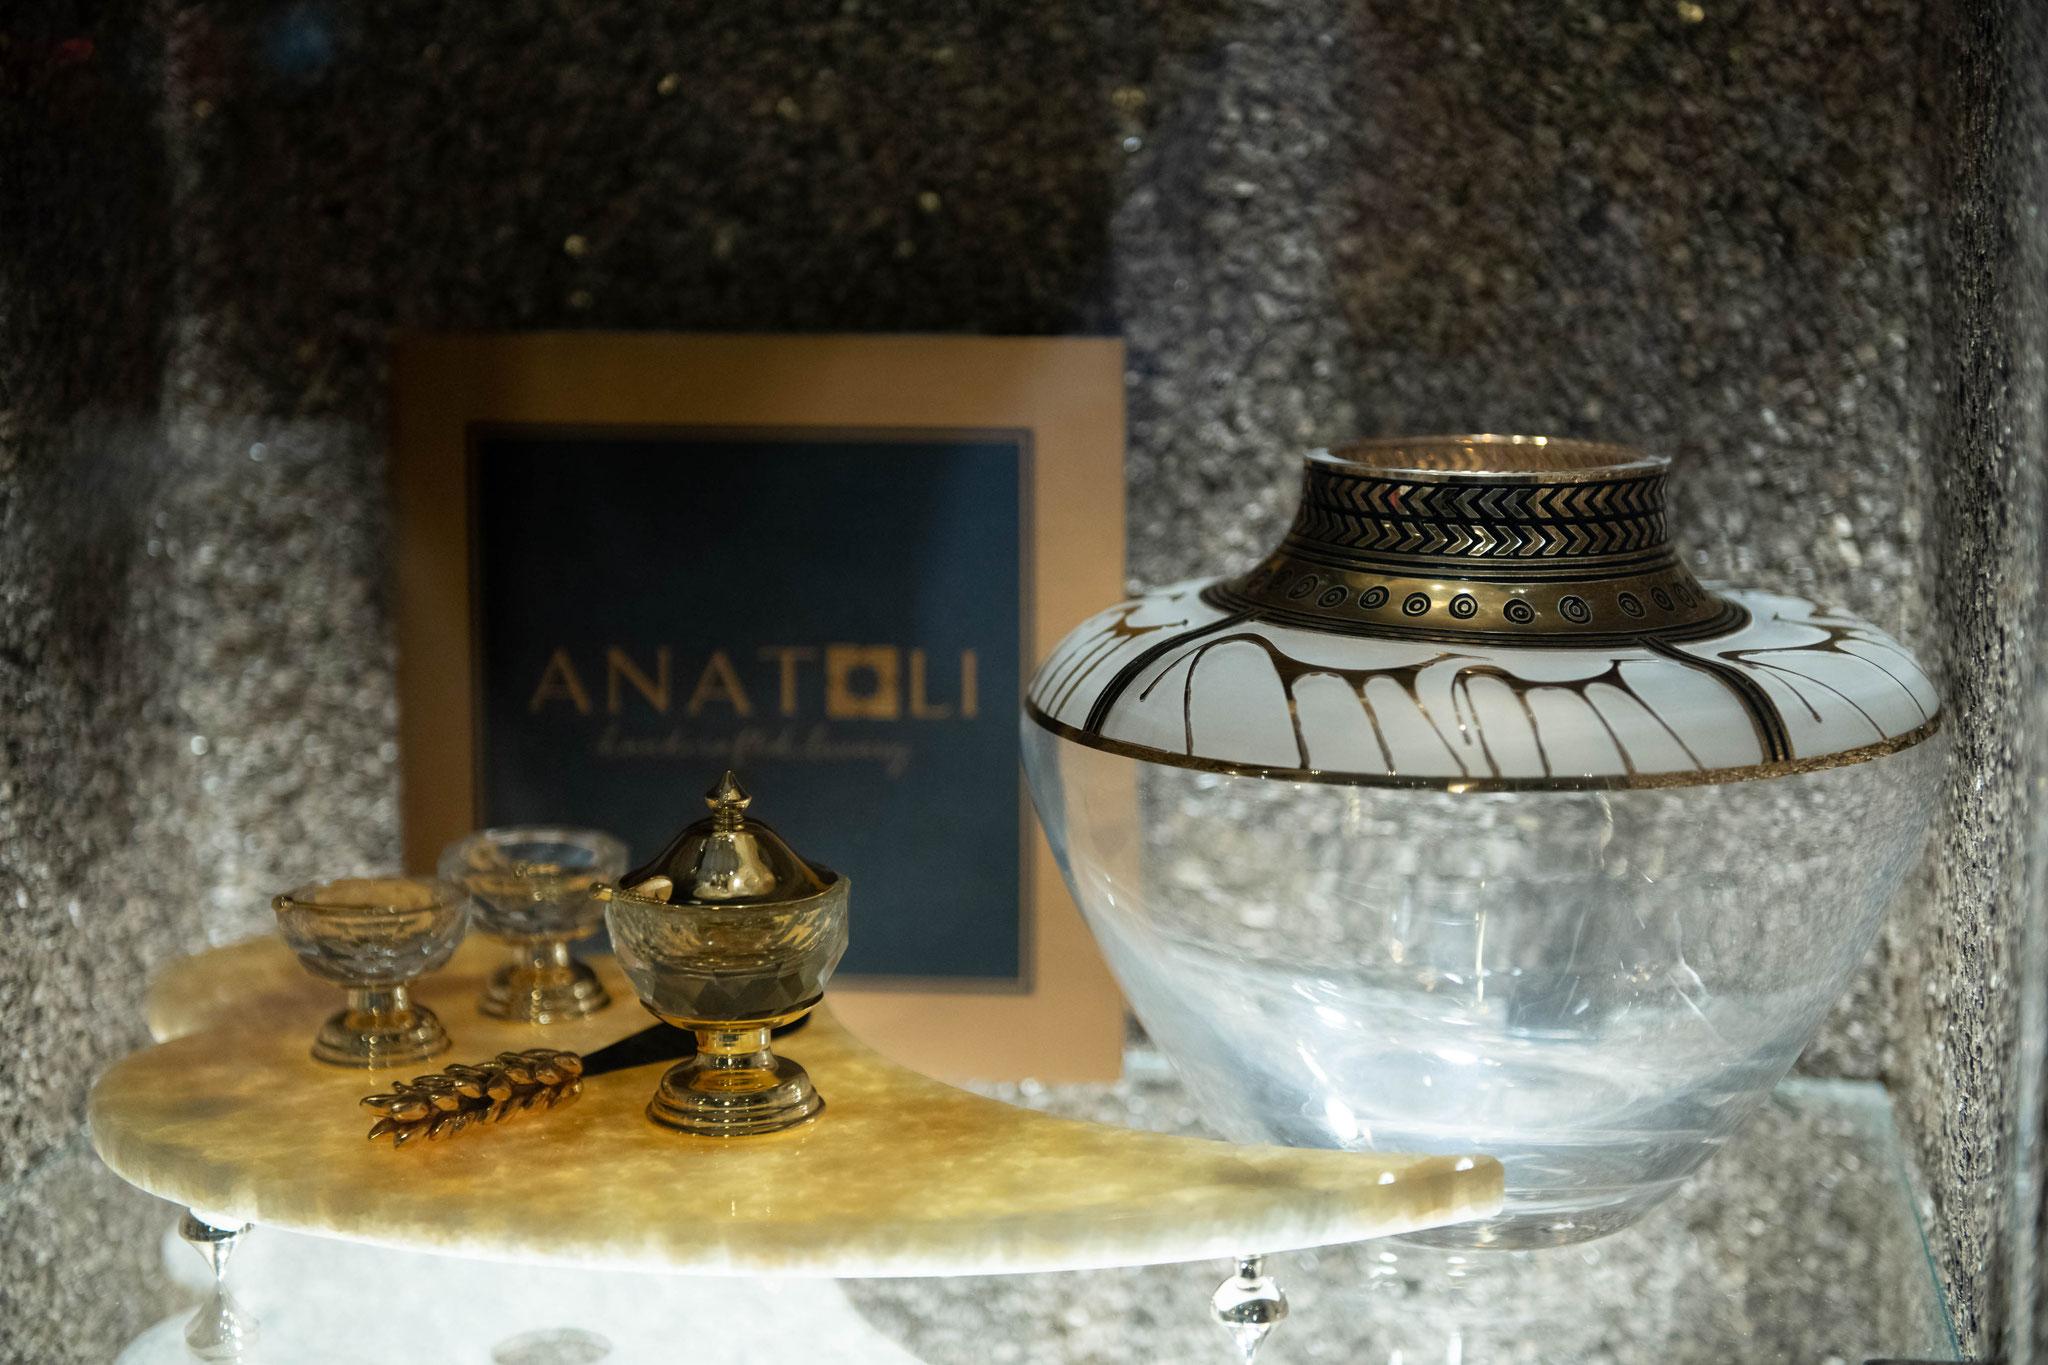 Dekoration Restaurant Anatolia in Offenbach